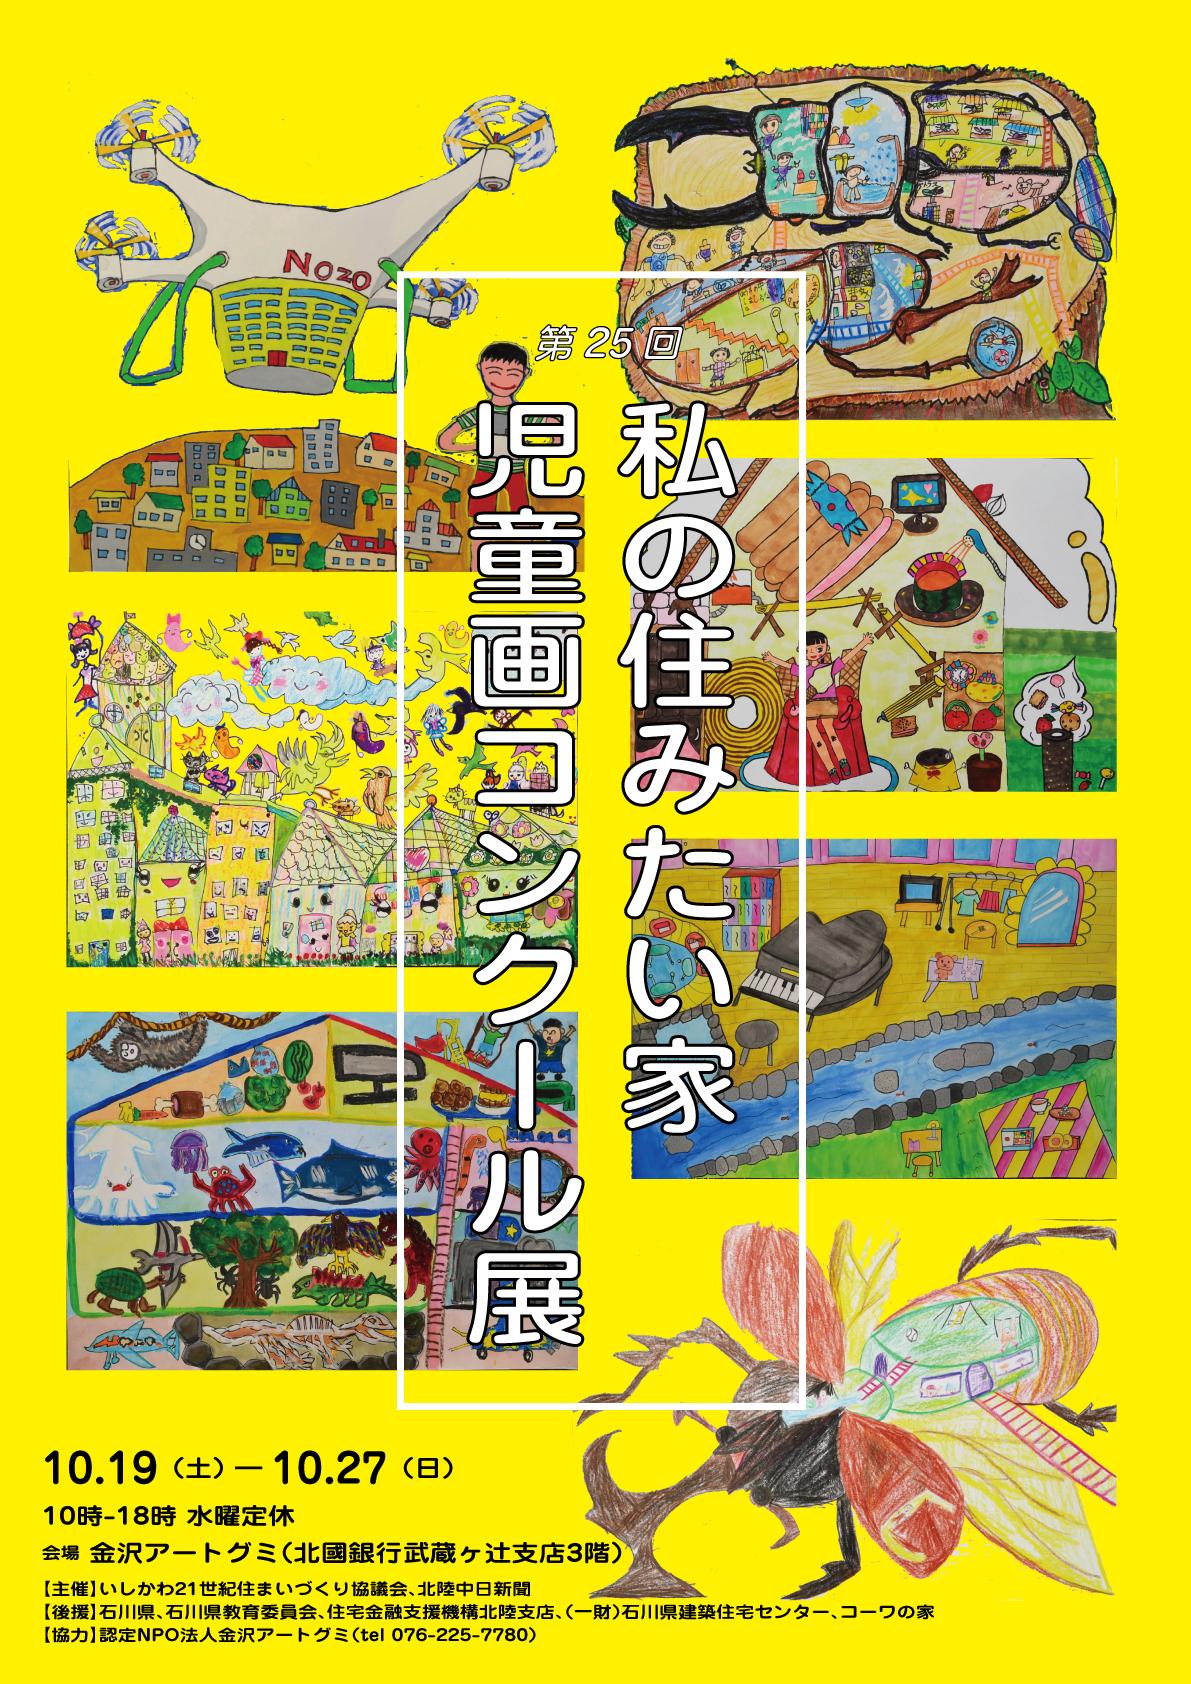 【終了】10.19- 10.27  第25回私の住みたい家 児童画コンクール展